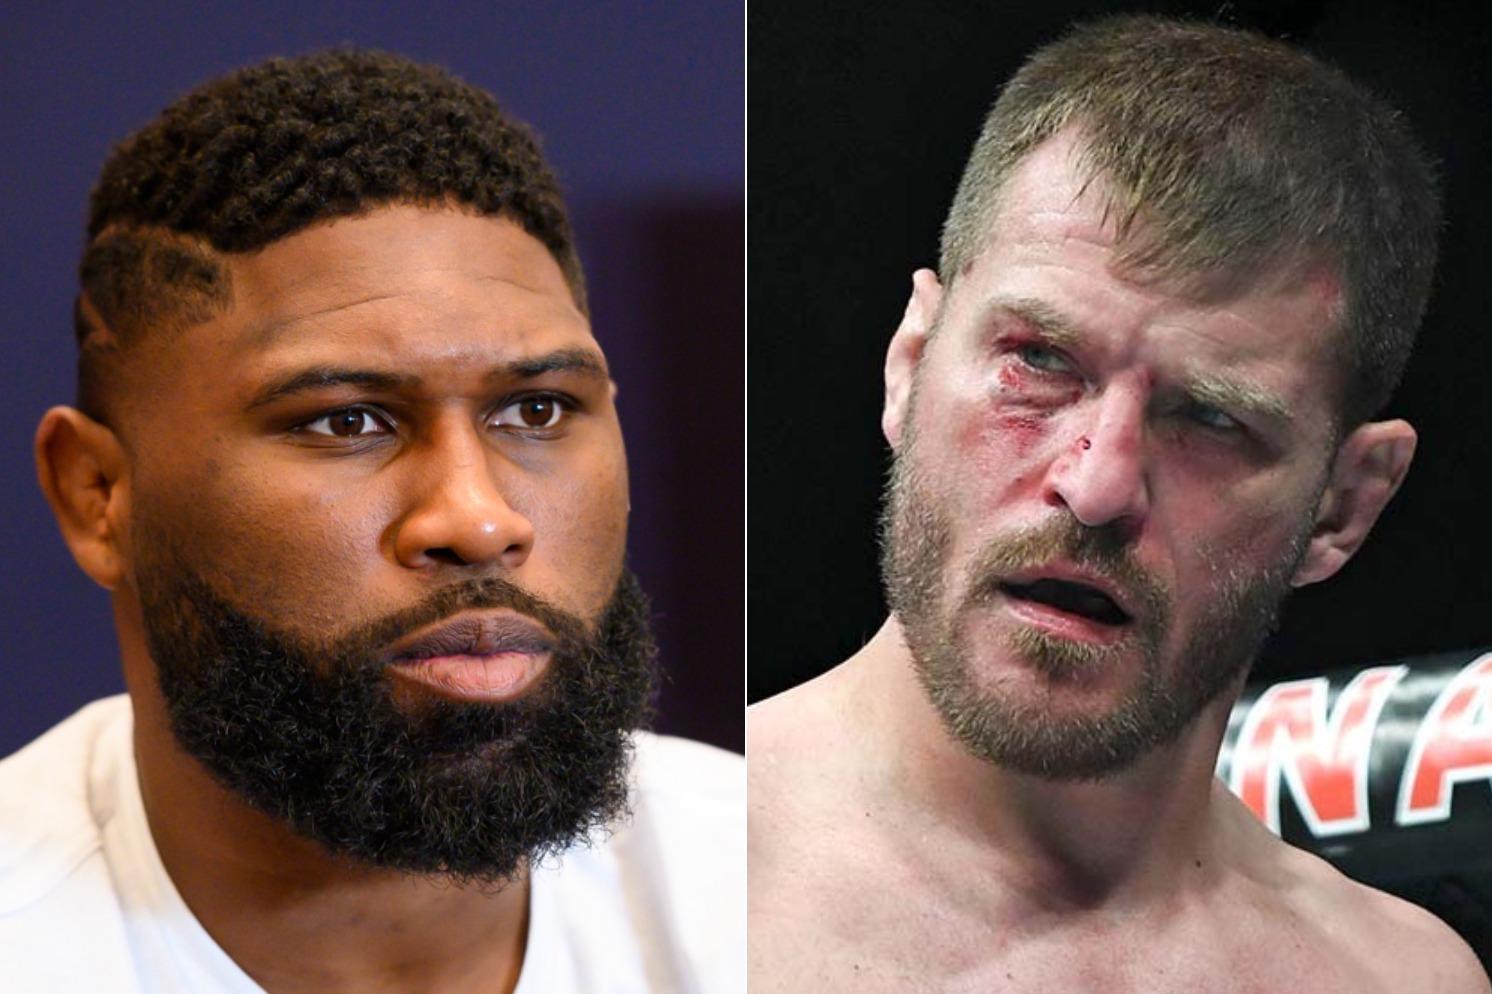 Curtis Blaydes calls Stipe Miocic 'GOAT' of the heavyweight division - Curtis Blaydes